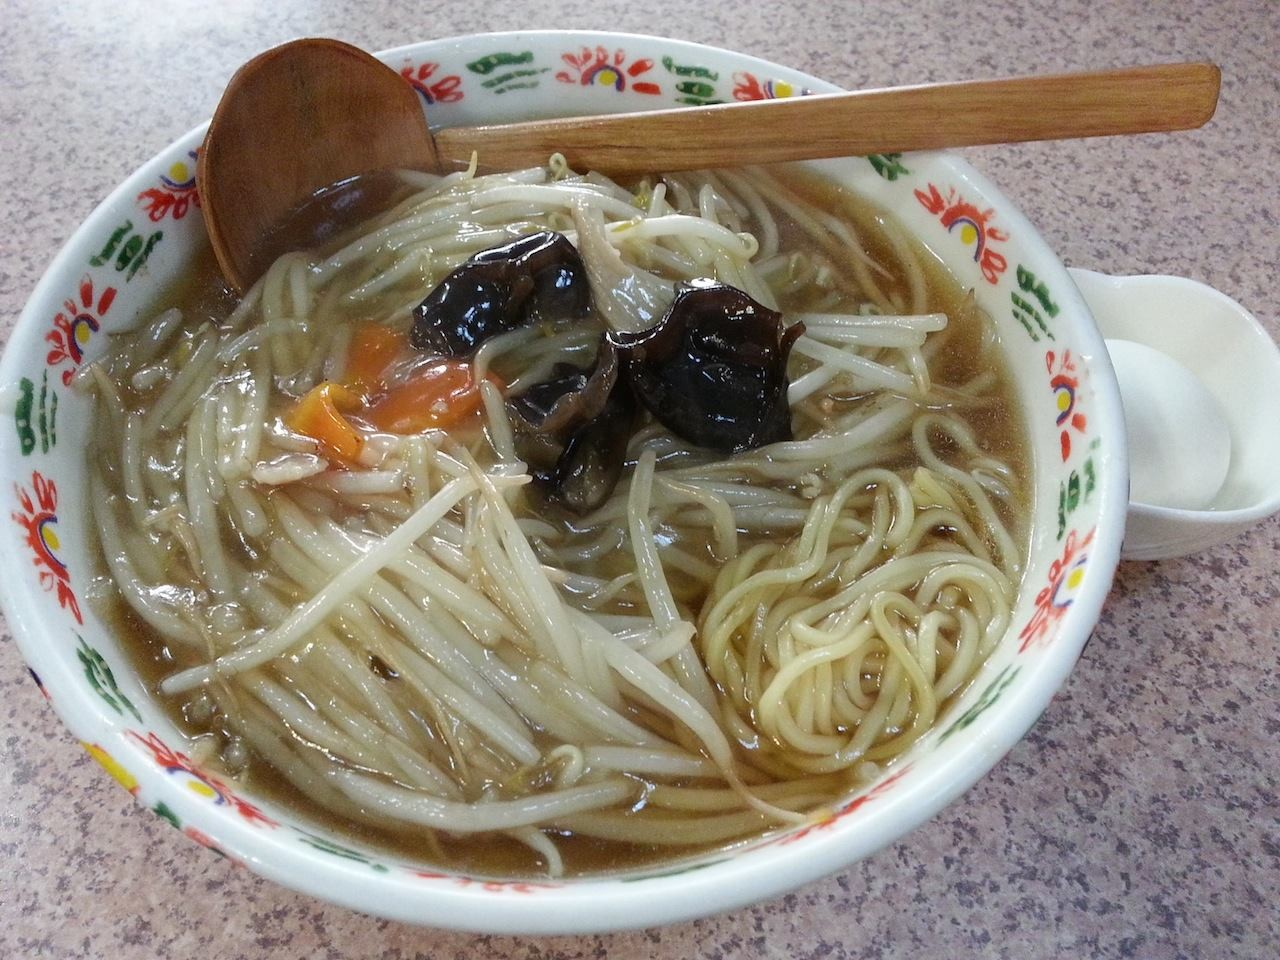 初めて入った北参道の中華料理店で、もやしメン。めんでも麺でもなく、カタカナで もやしメン…。もやし男かよっ! 味は昭和テイストでフツー。 【2014年4月11日】